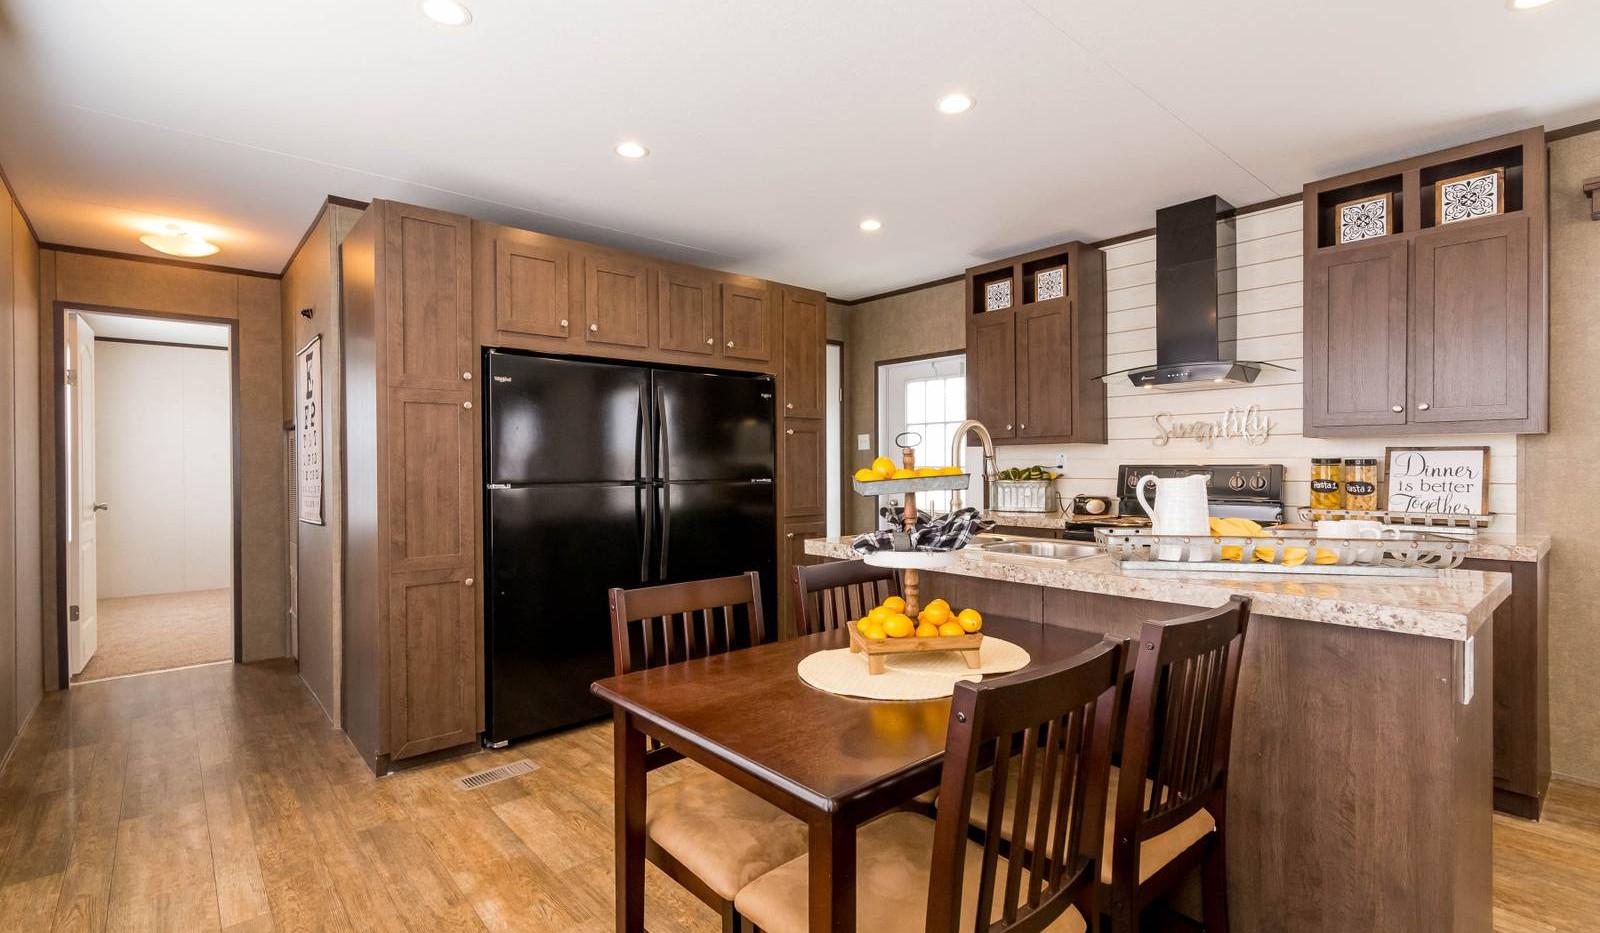 6-1676H kitchen 1-1600x1067.jpg